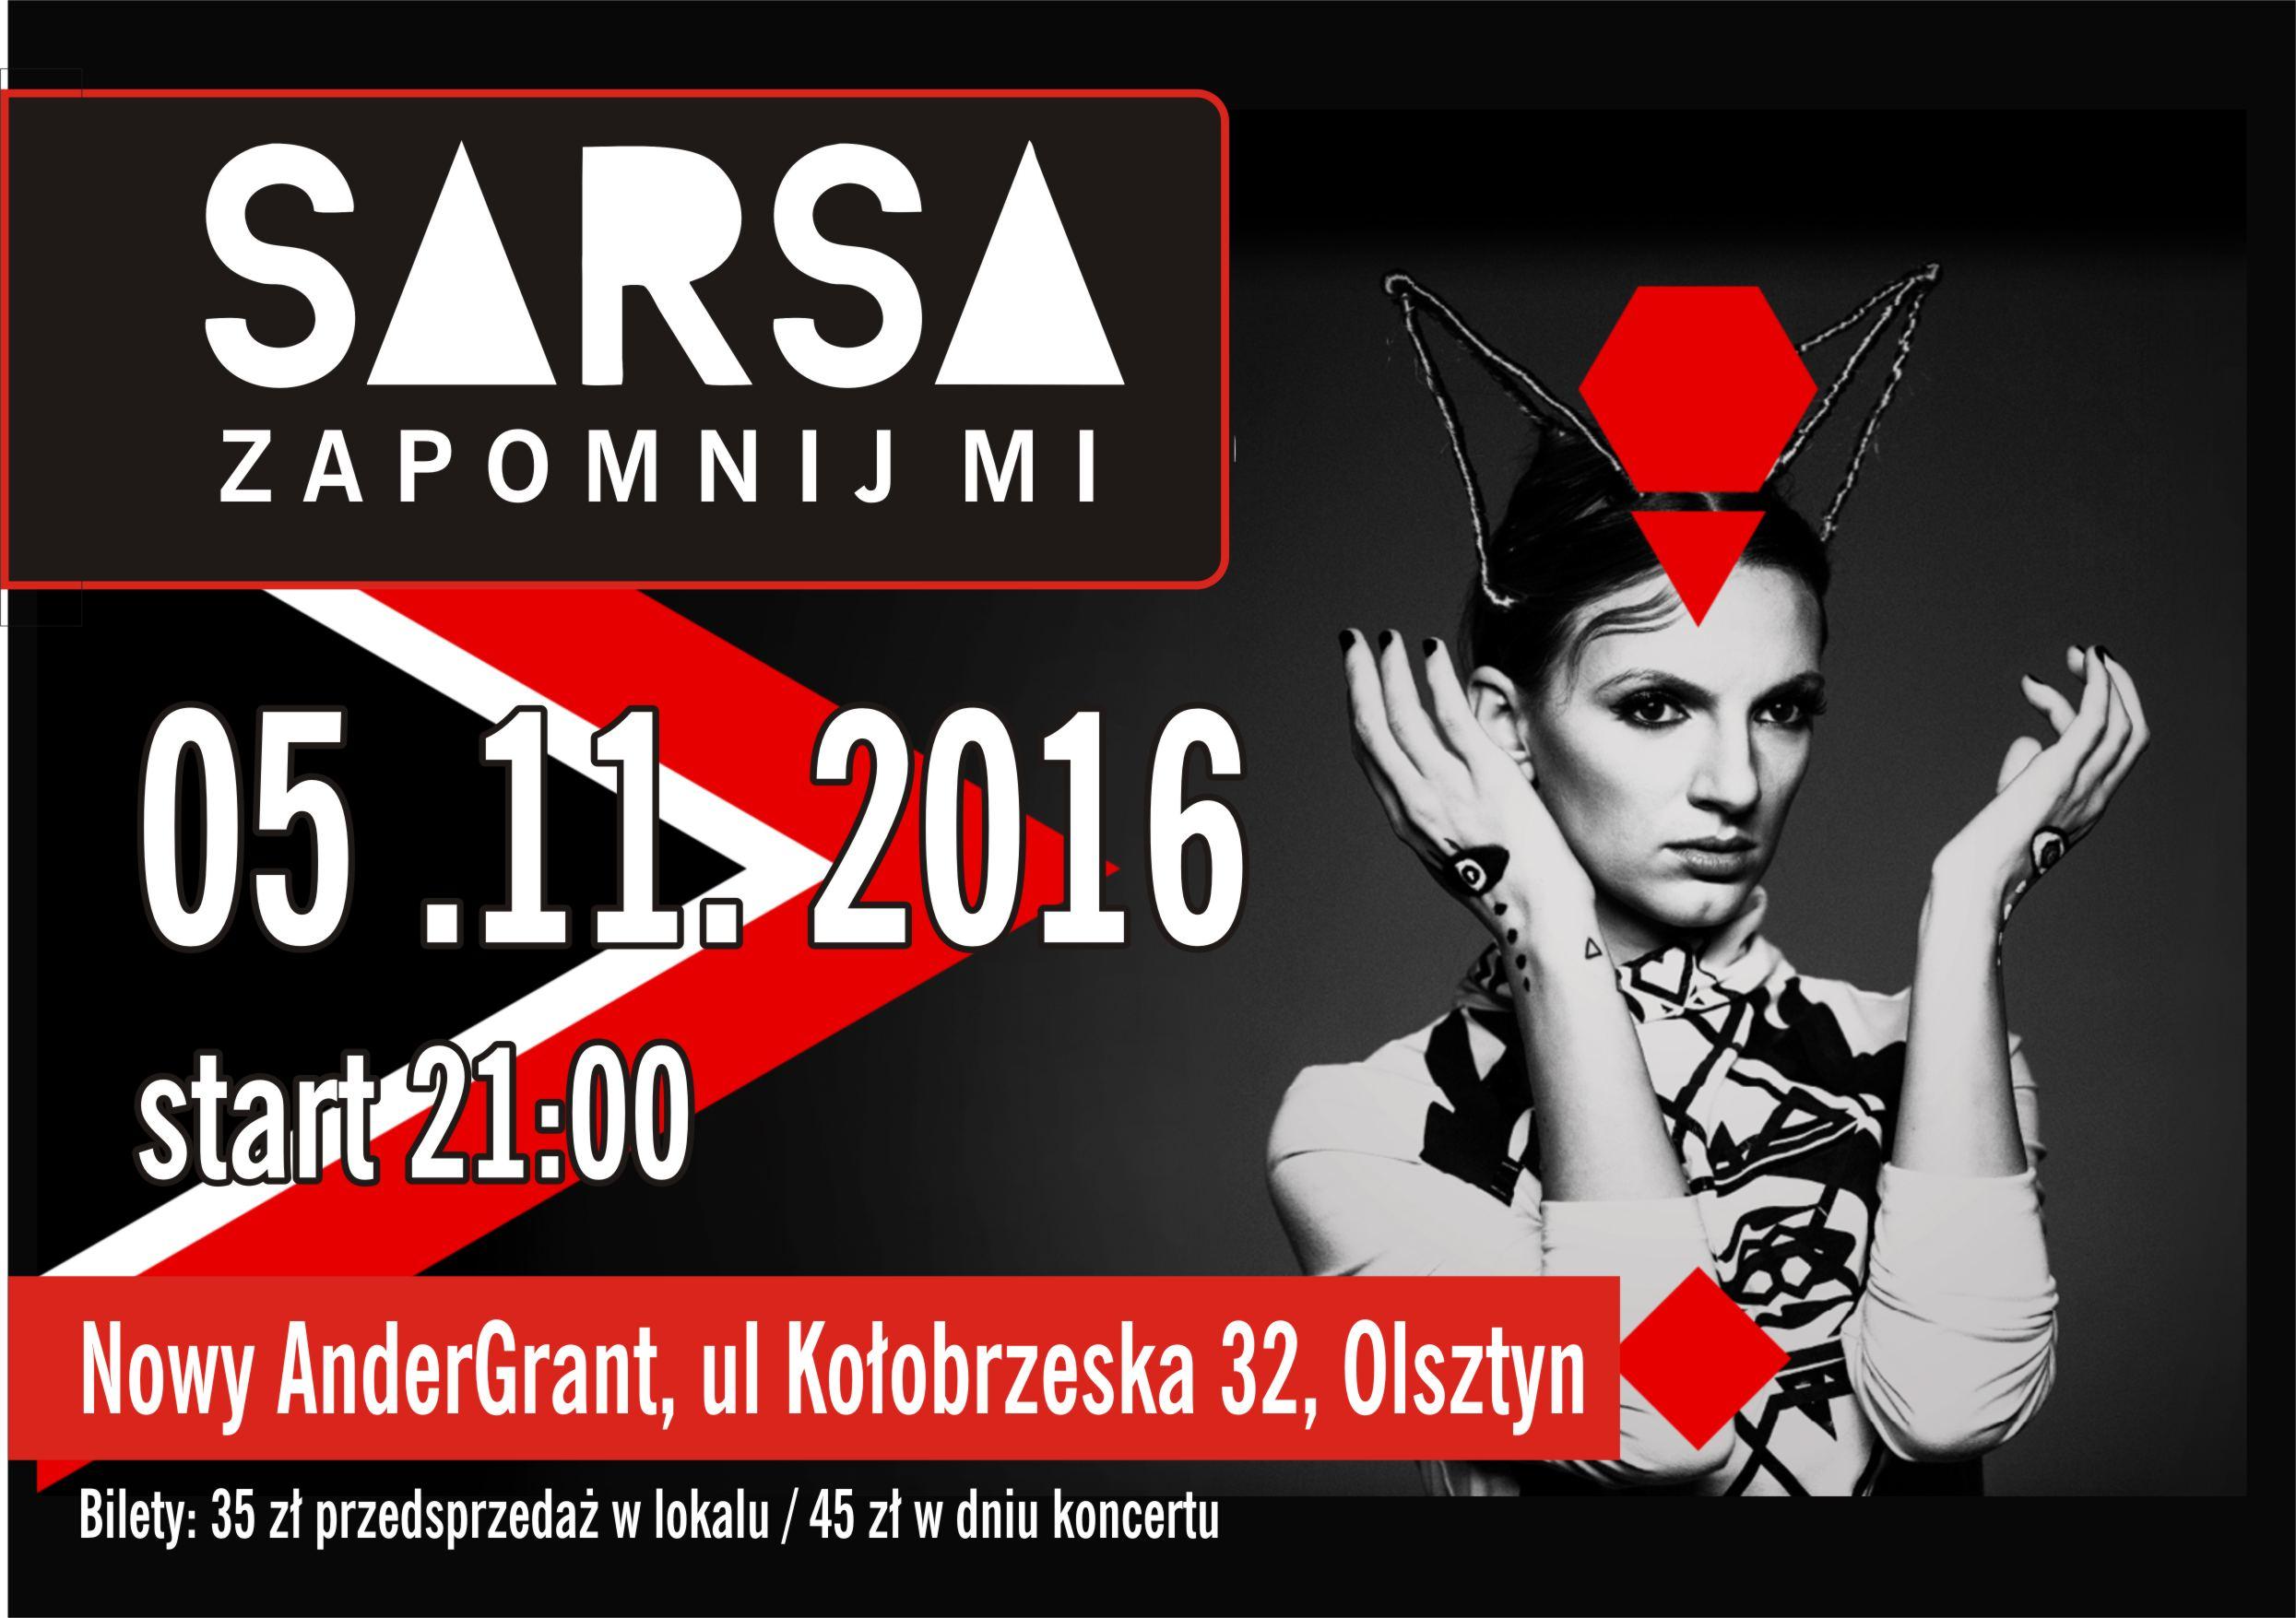 Sarsa wystąpi w Olsztynie